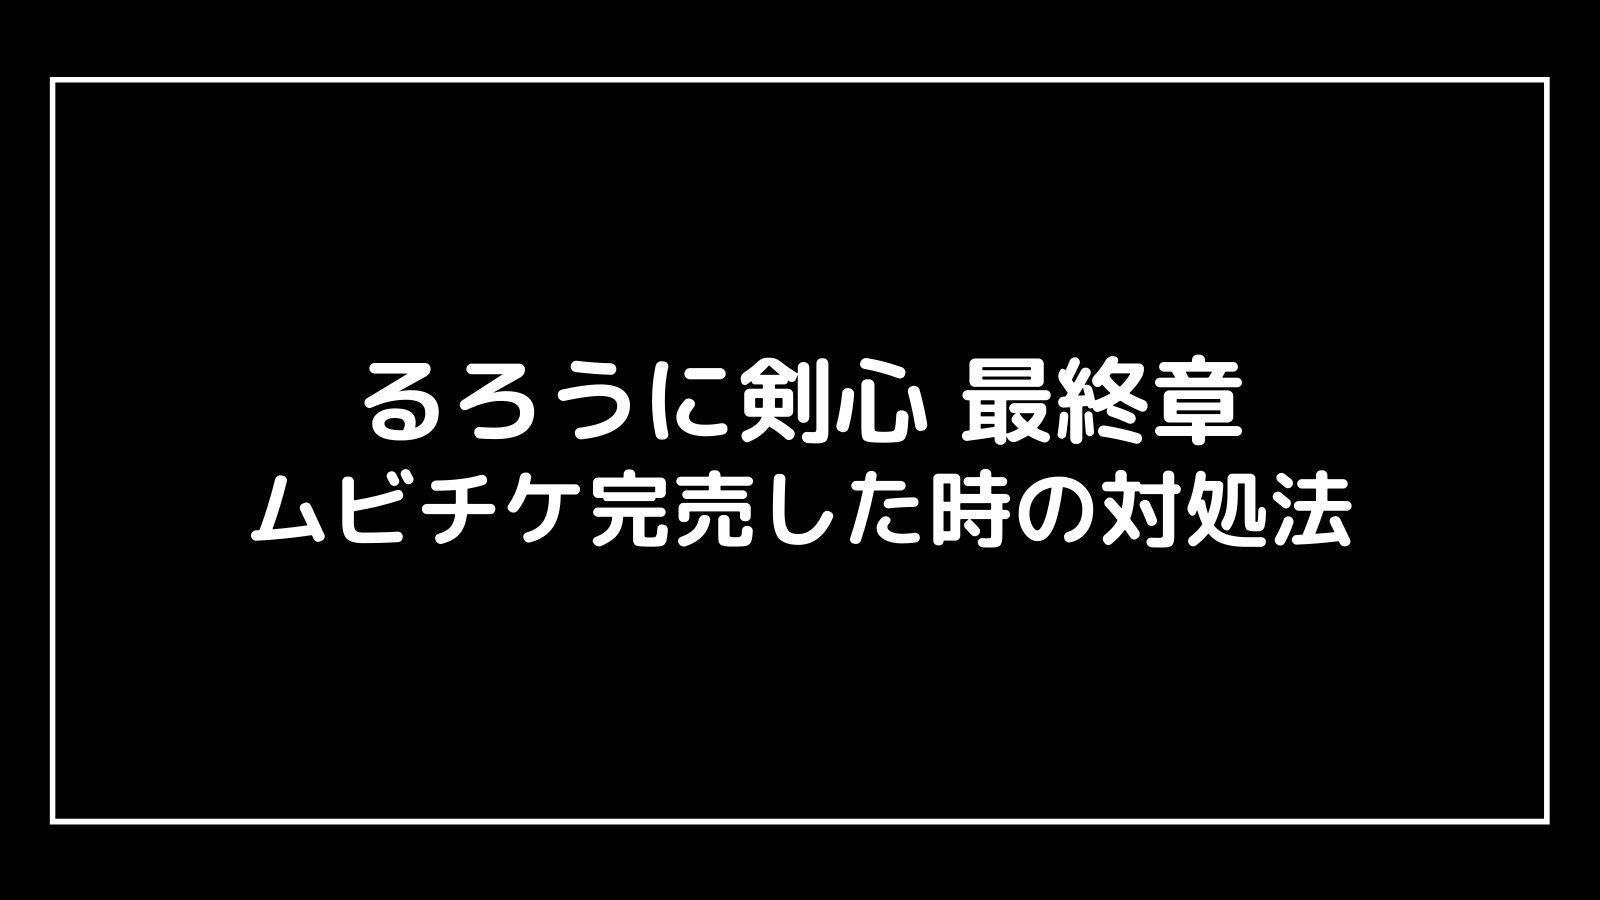 映画『るろうに剣心 最終章』のムビチケ前売り券が売り切れた時の対処法